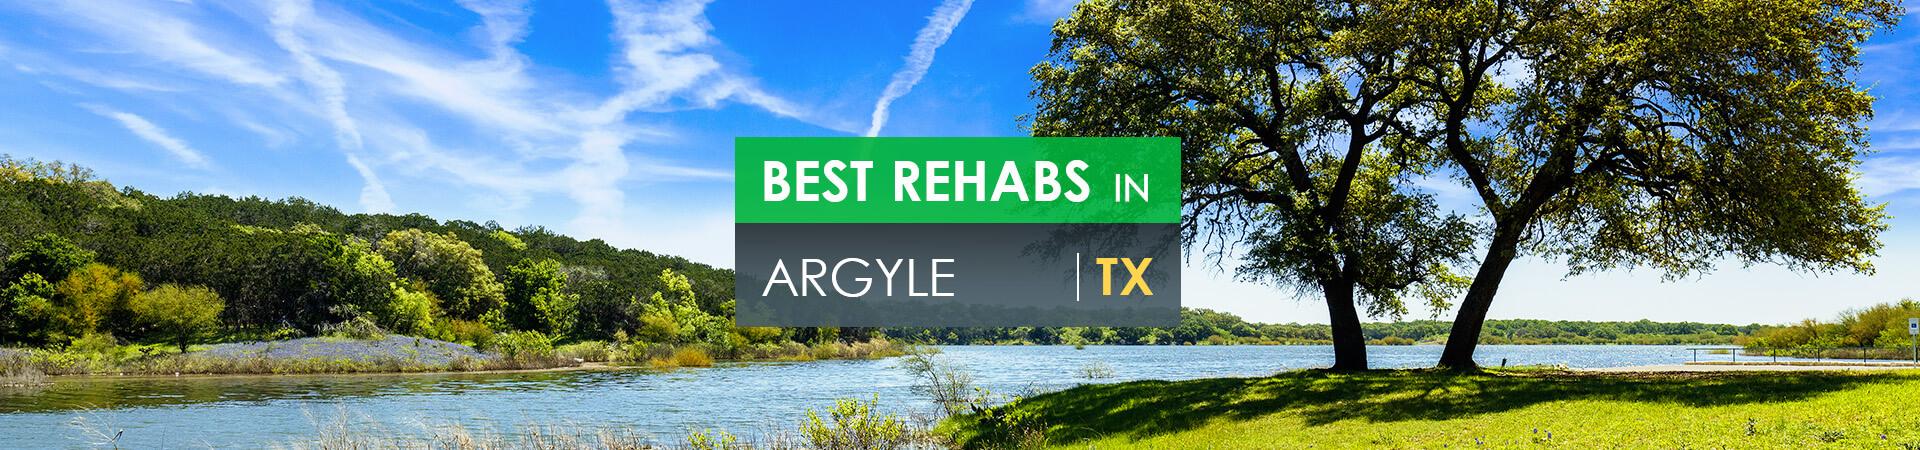 Best rehabs in Argyle, TX